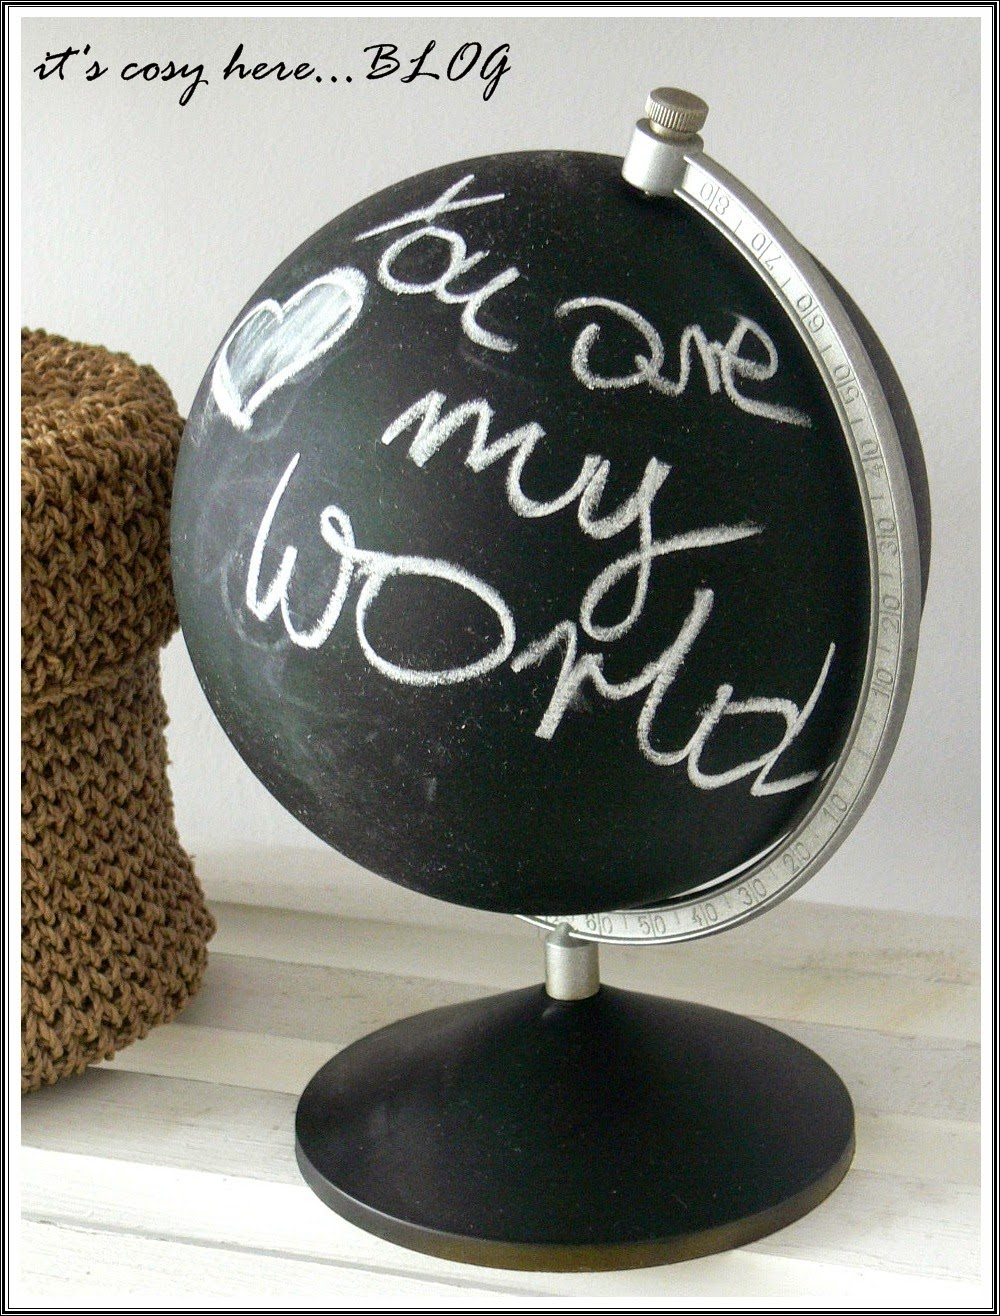 Leave a note... o tablicowym globusie...